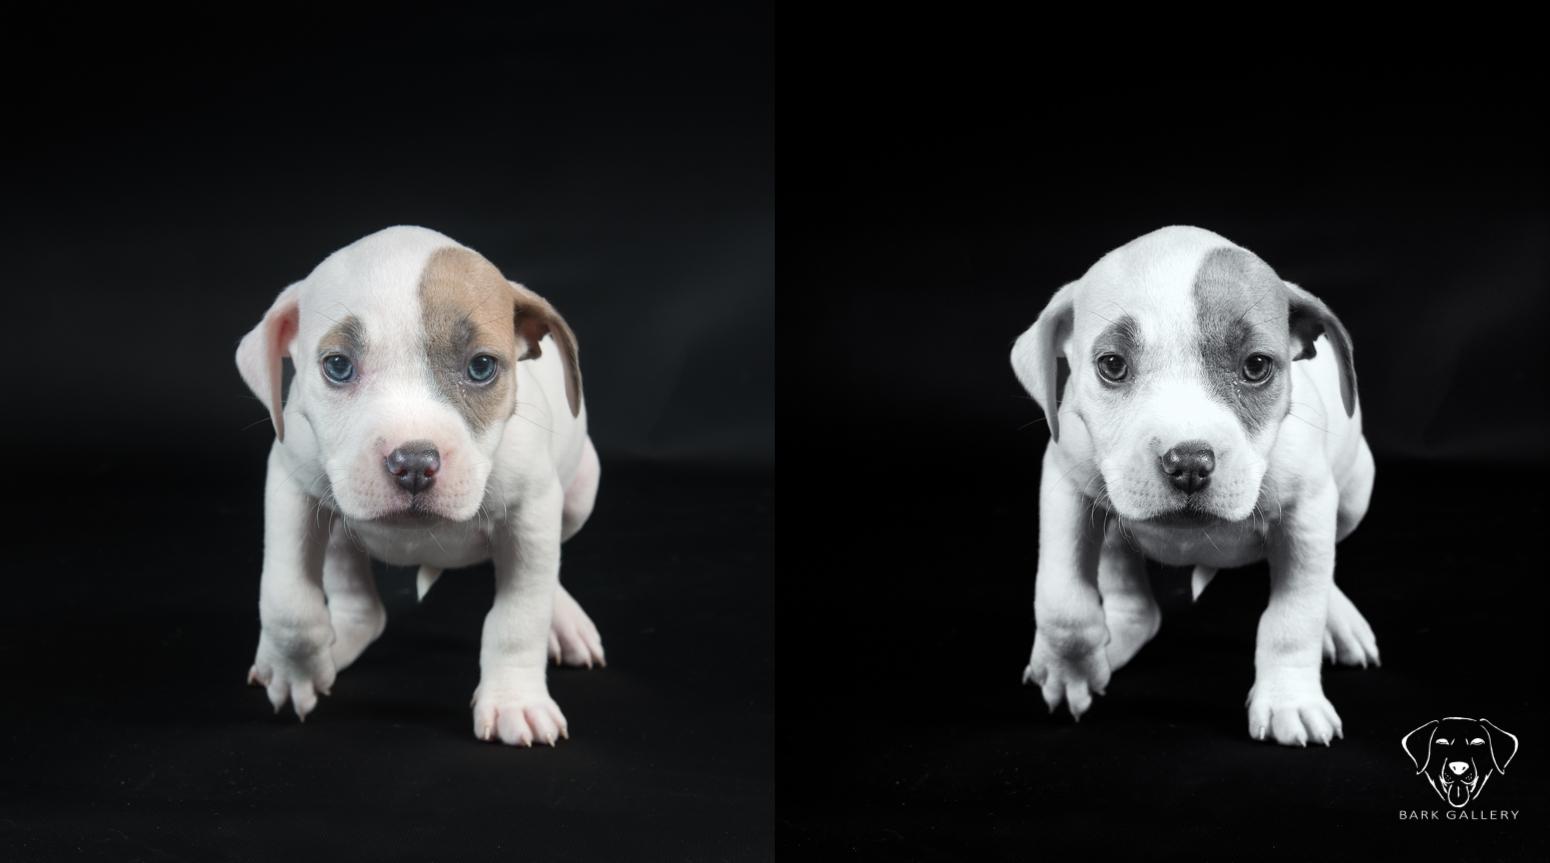 dog-studio-portrait-black-and-white